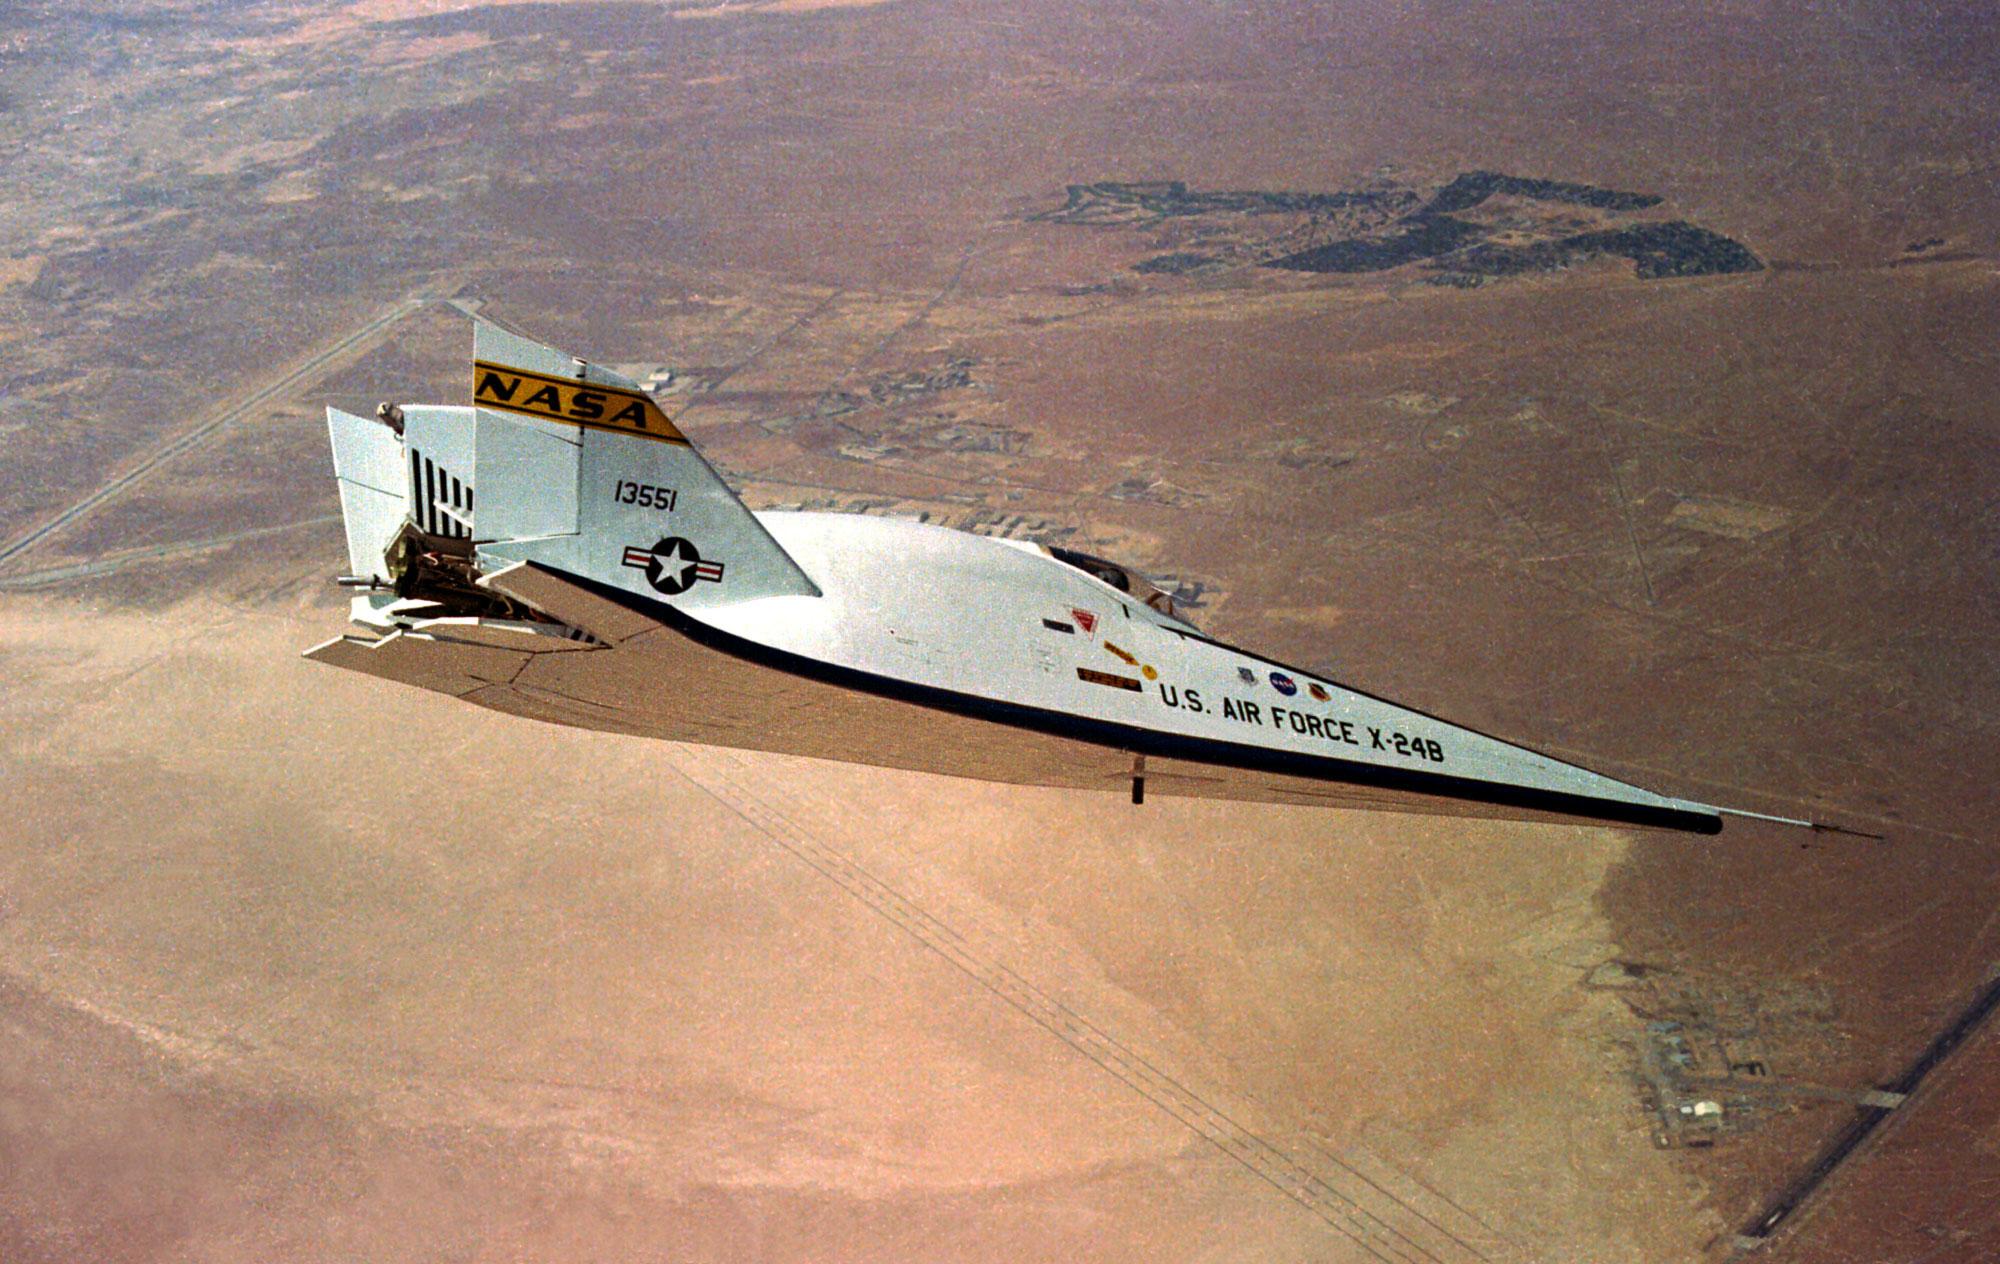 Martin Marietta X-24 - Wikipedia